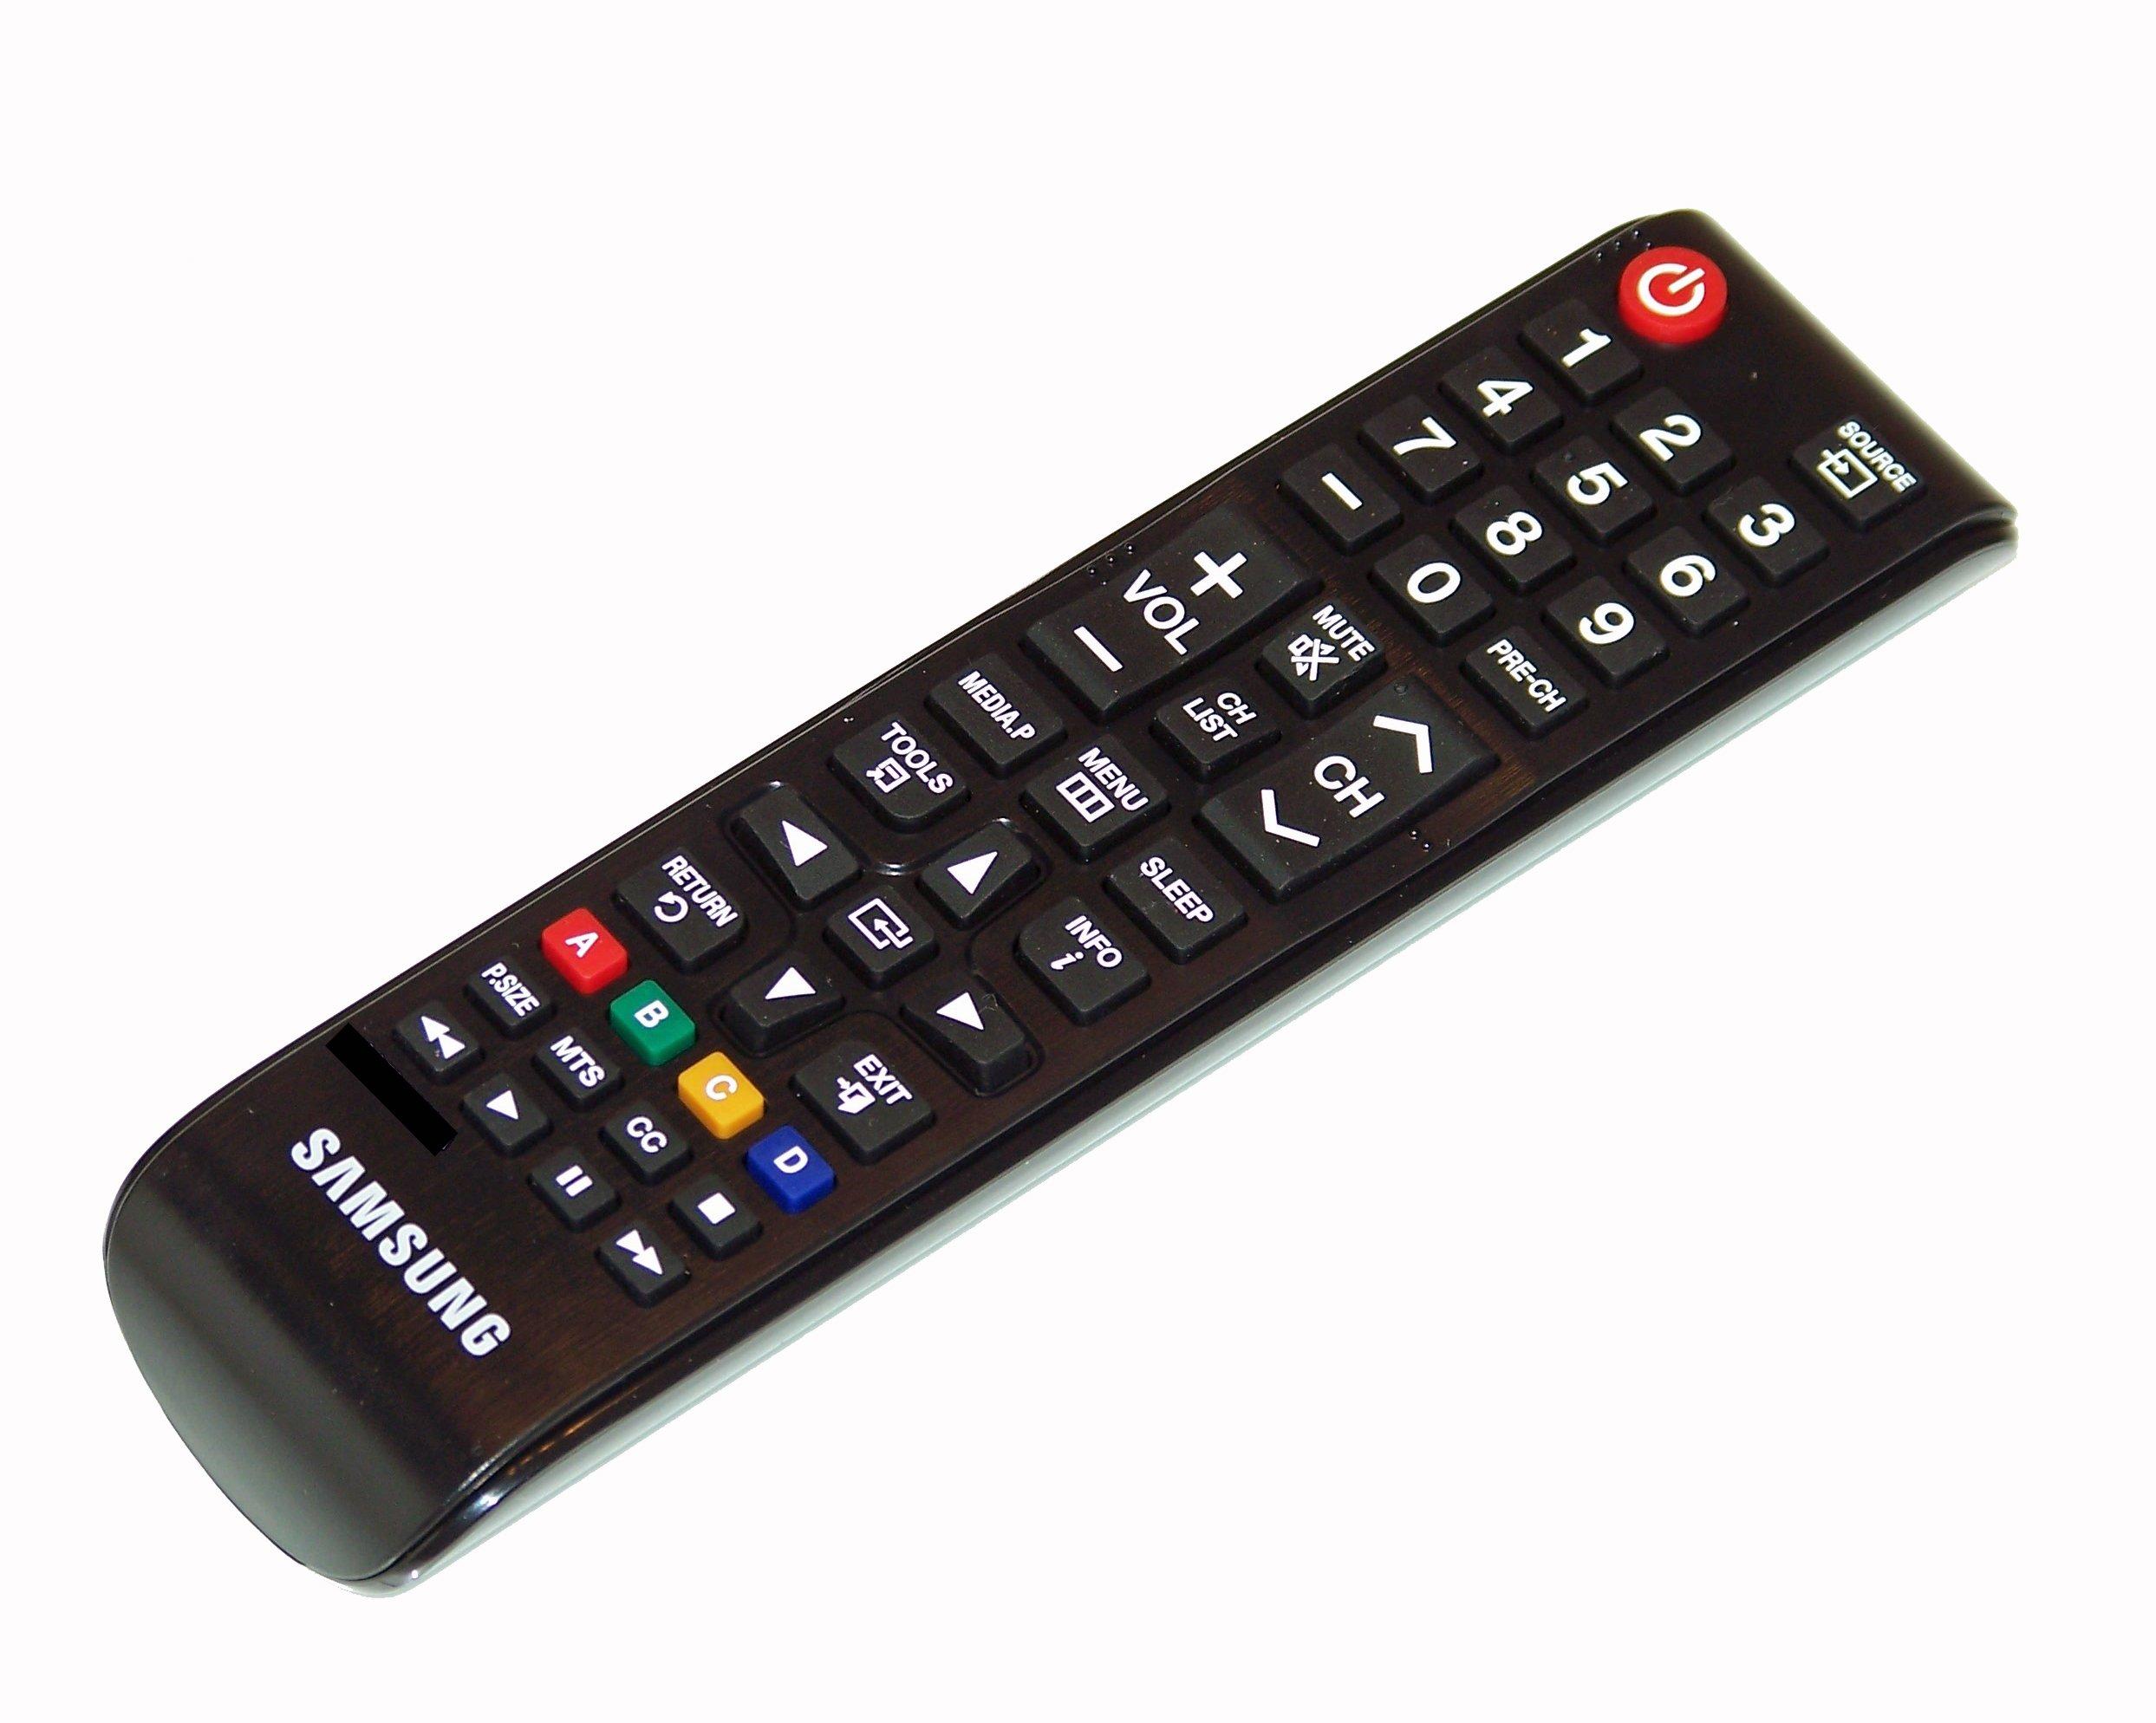 OEM Samsung Remote Control Originally Shipped With Samsung PN64E533D2FDXN, UN32EH4003C, UN32EH4003CXZA, UN32J4000AFXZA, UN32J4000BF, UN32J4000BFXZA by Samsung